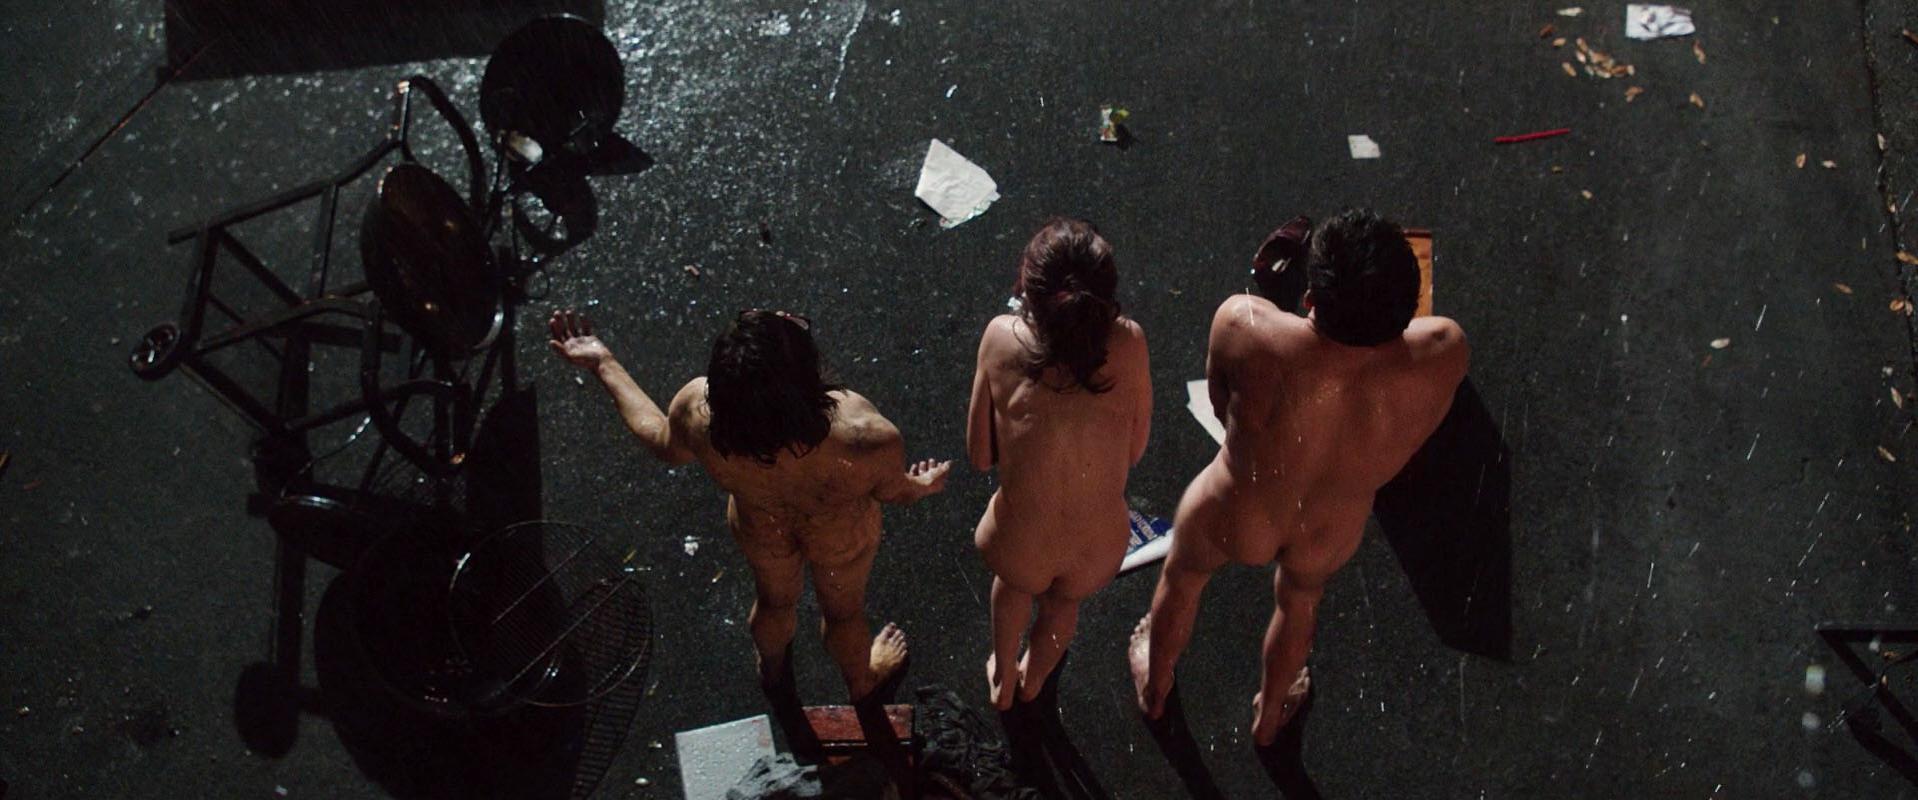 upskirt party girls